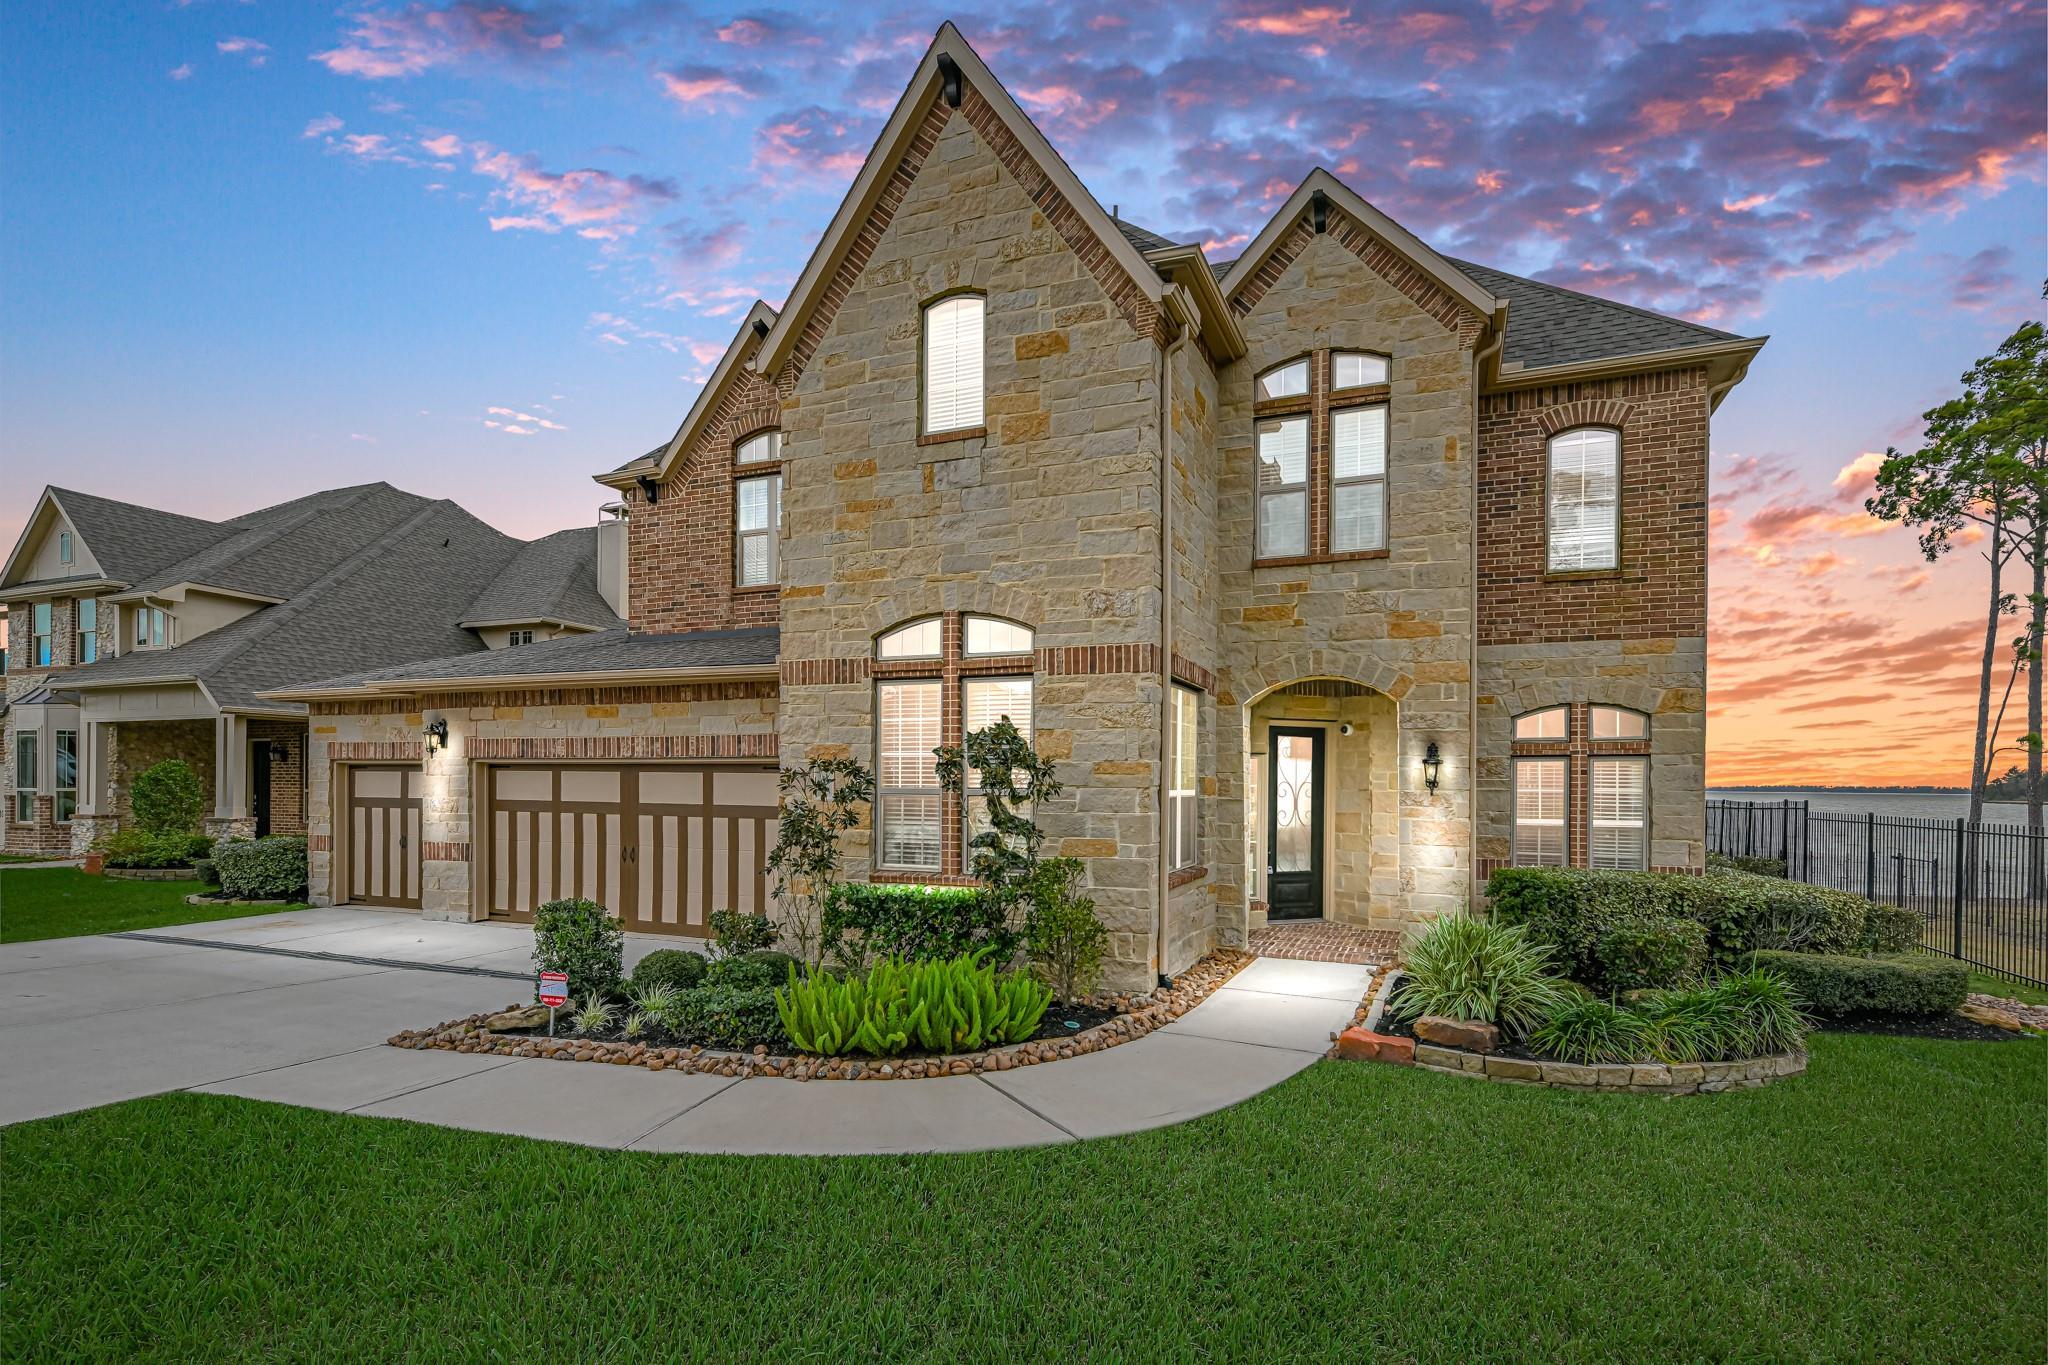 8402 San Juanico Street Property Photo - Houston, TX real estate listing